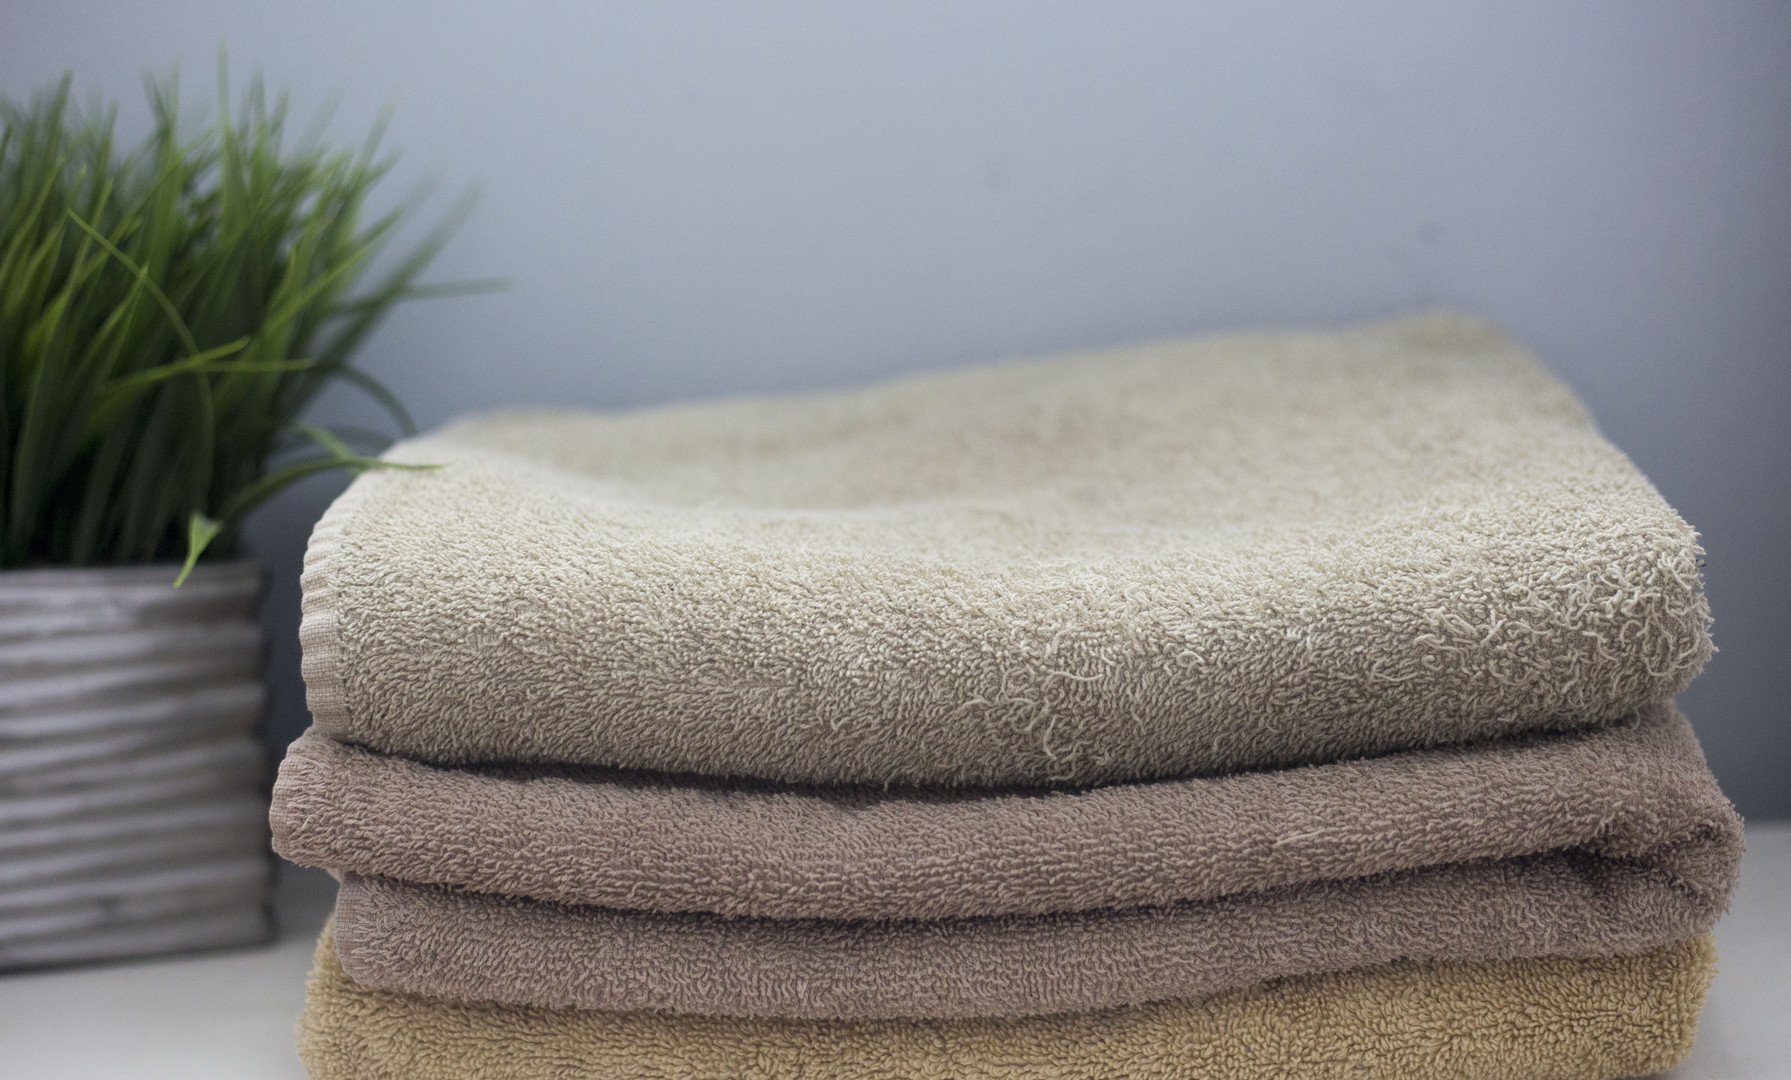 Appartement 2 chambres Cosy serviettes de bain